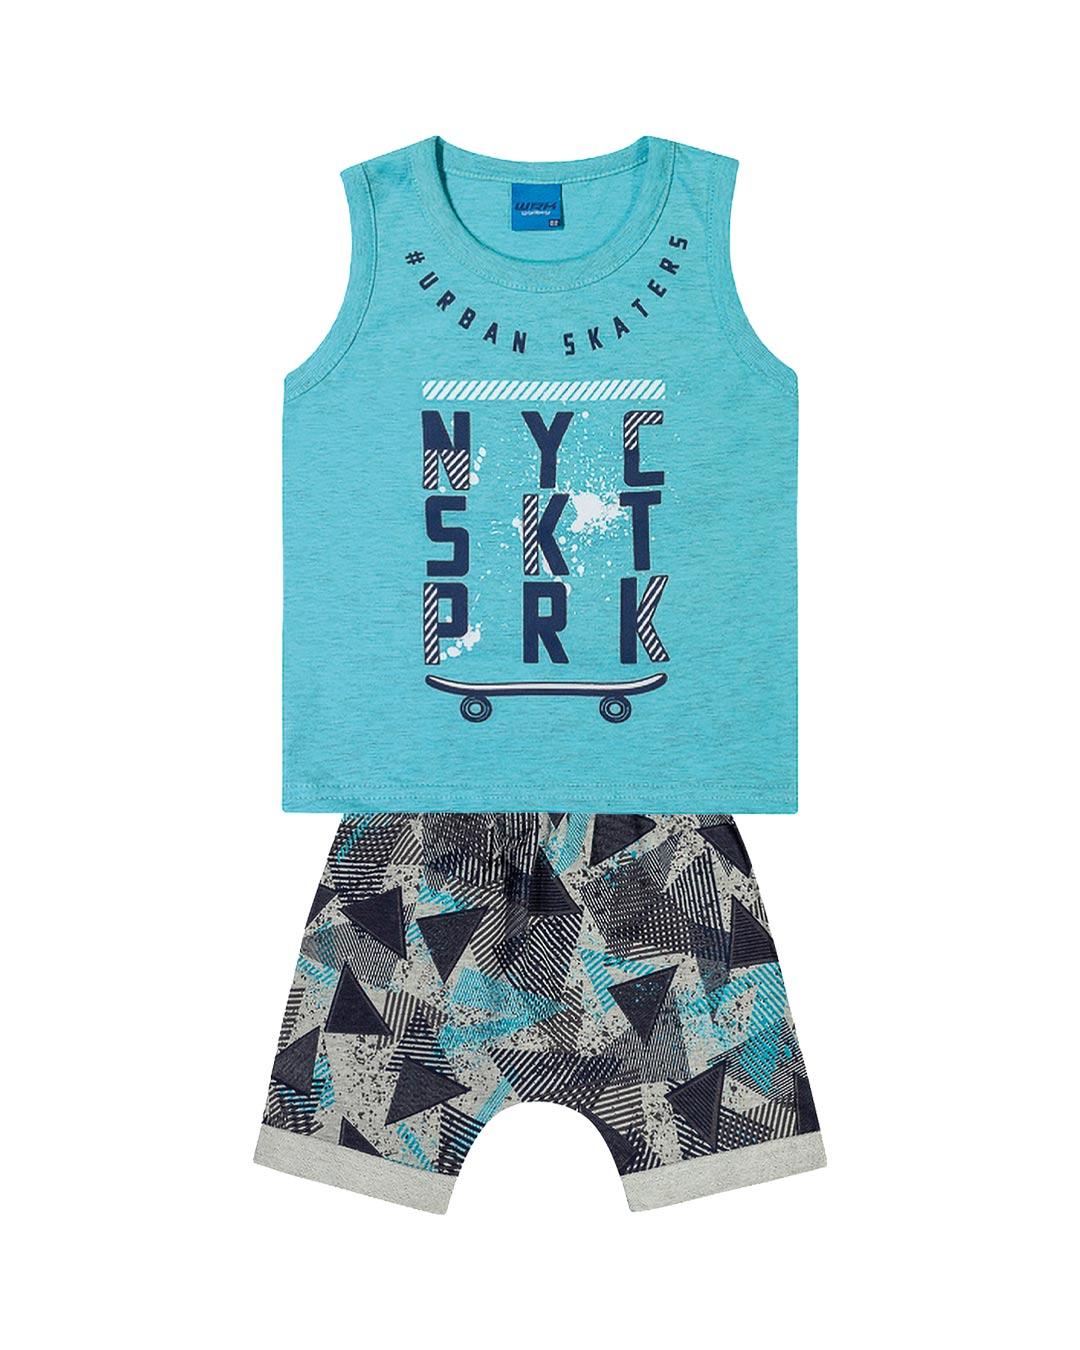 Conjunto Infantil NYC SKT PRK - WRK